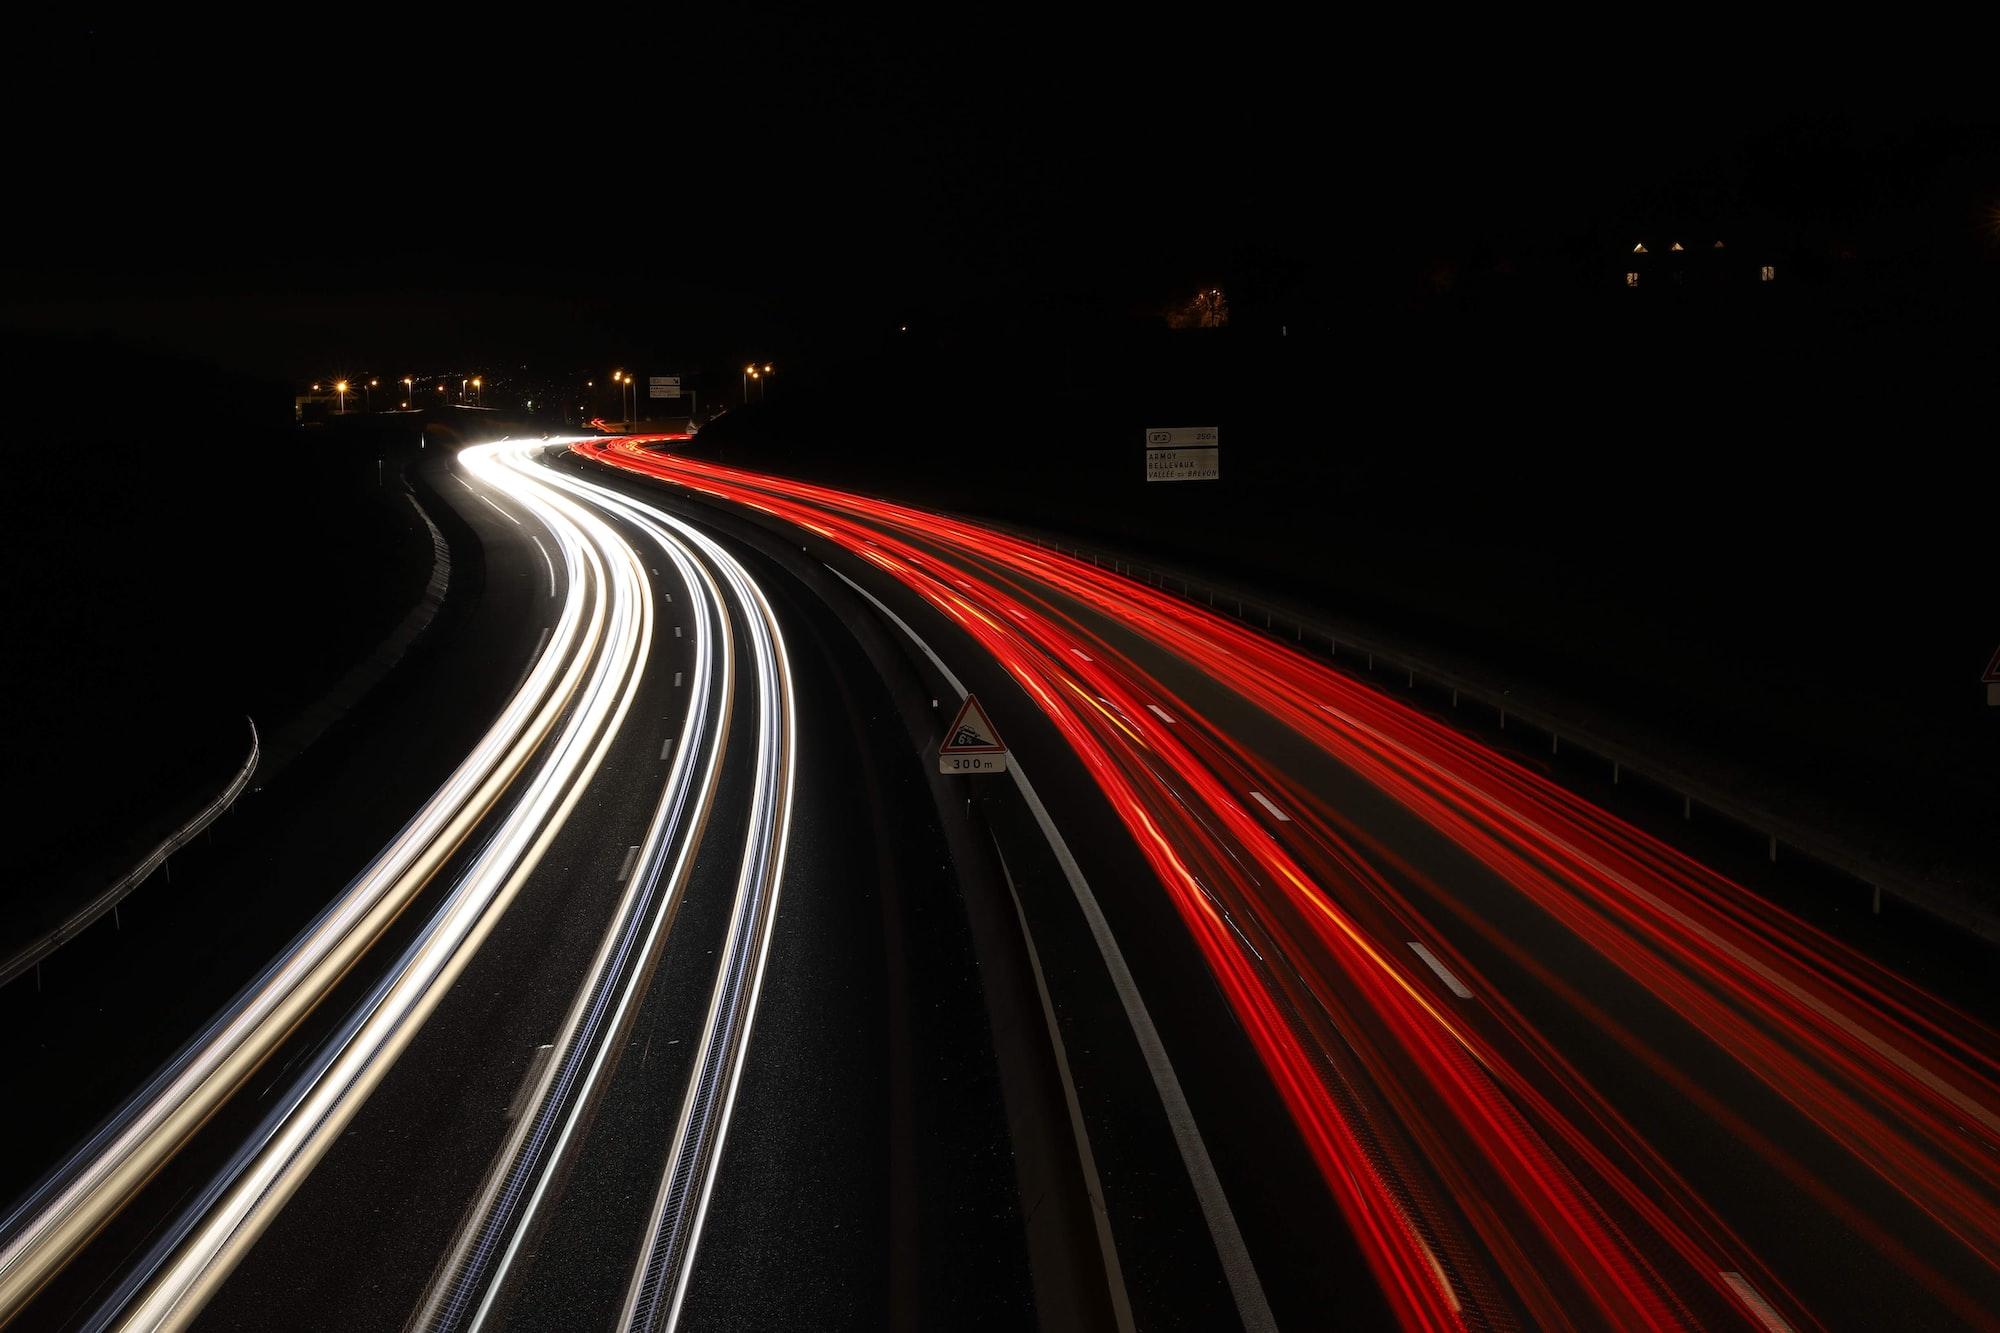 La movilidad del futuro: ¿Qué rol juega la movilidad compartida en la era post-covid?